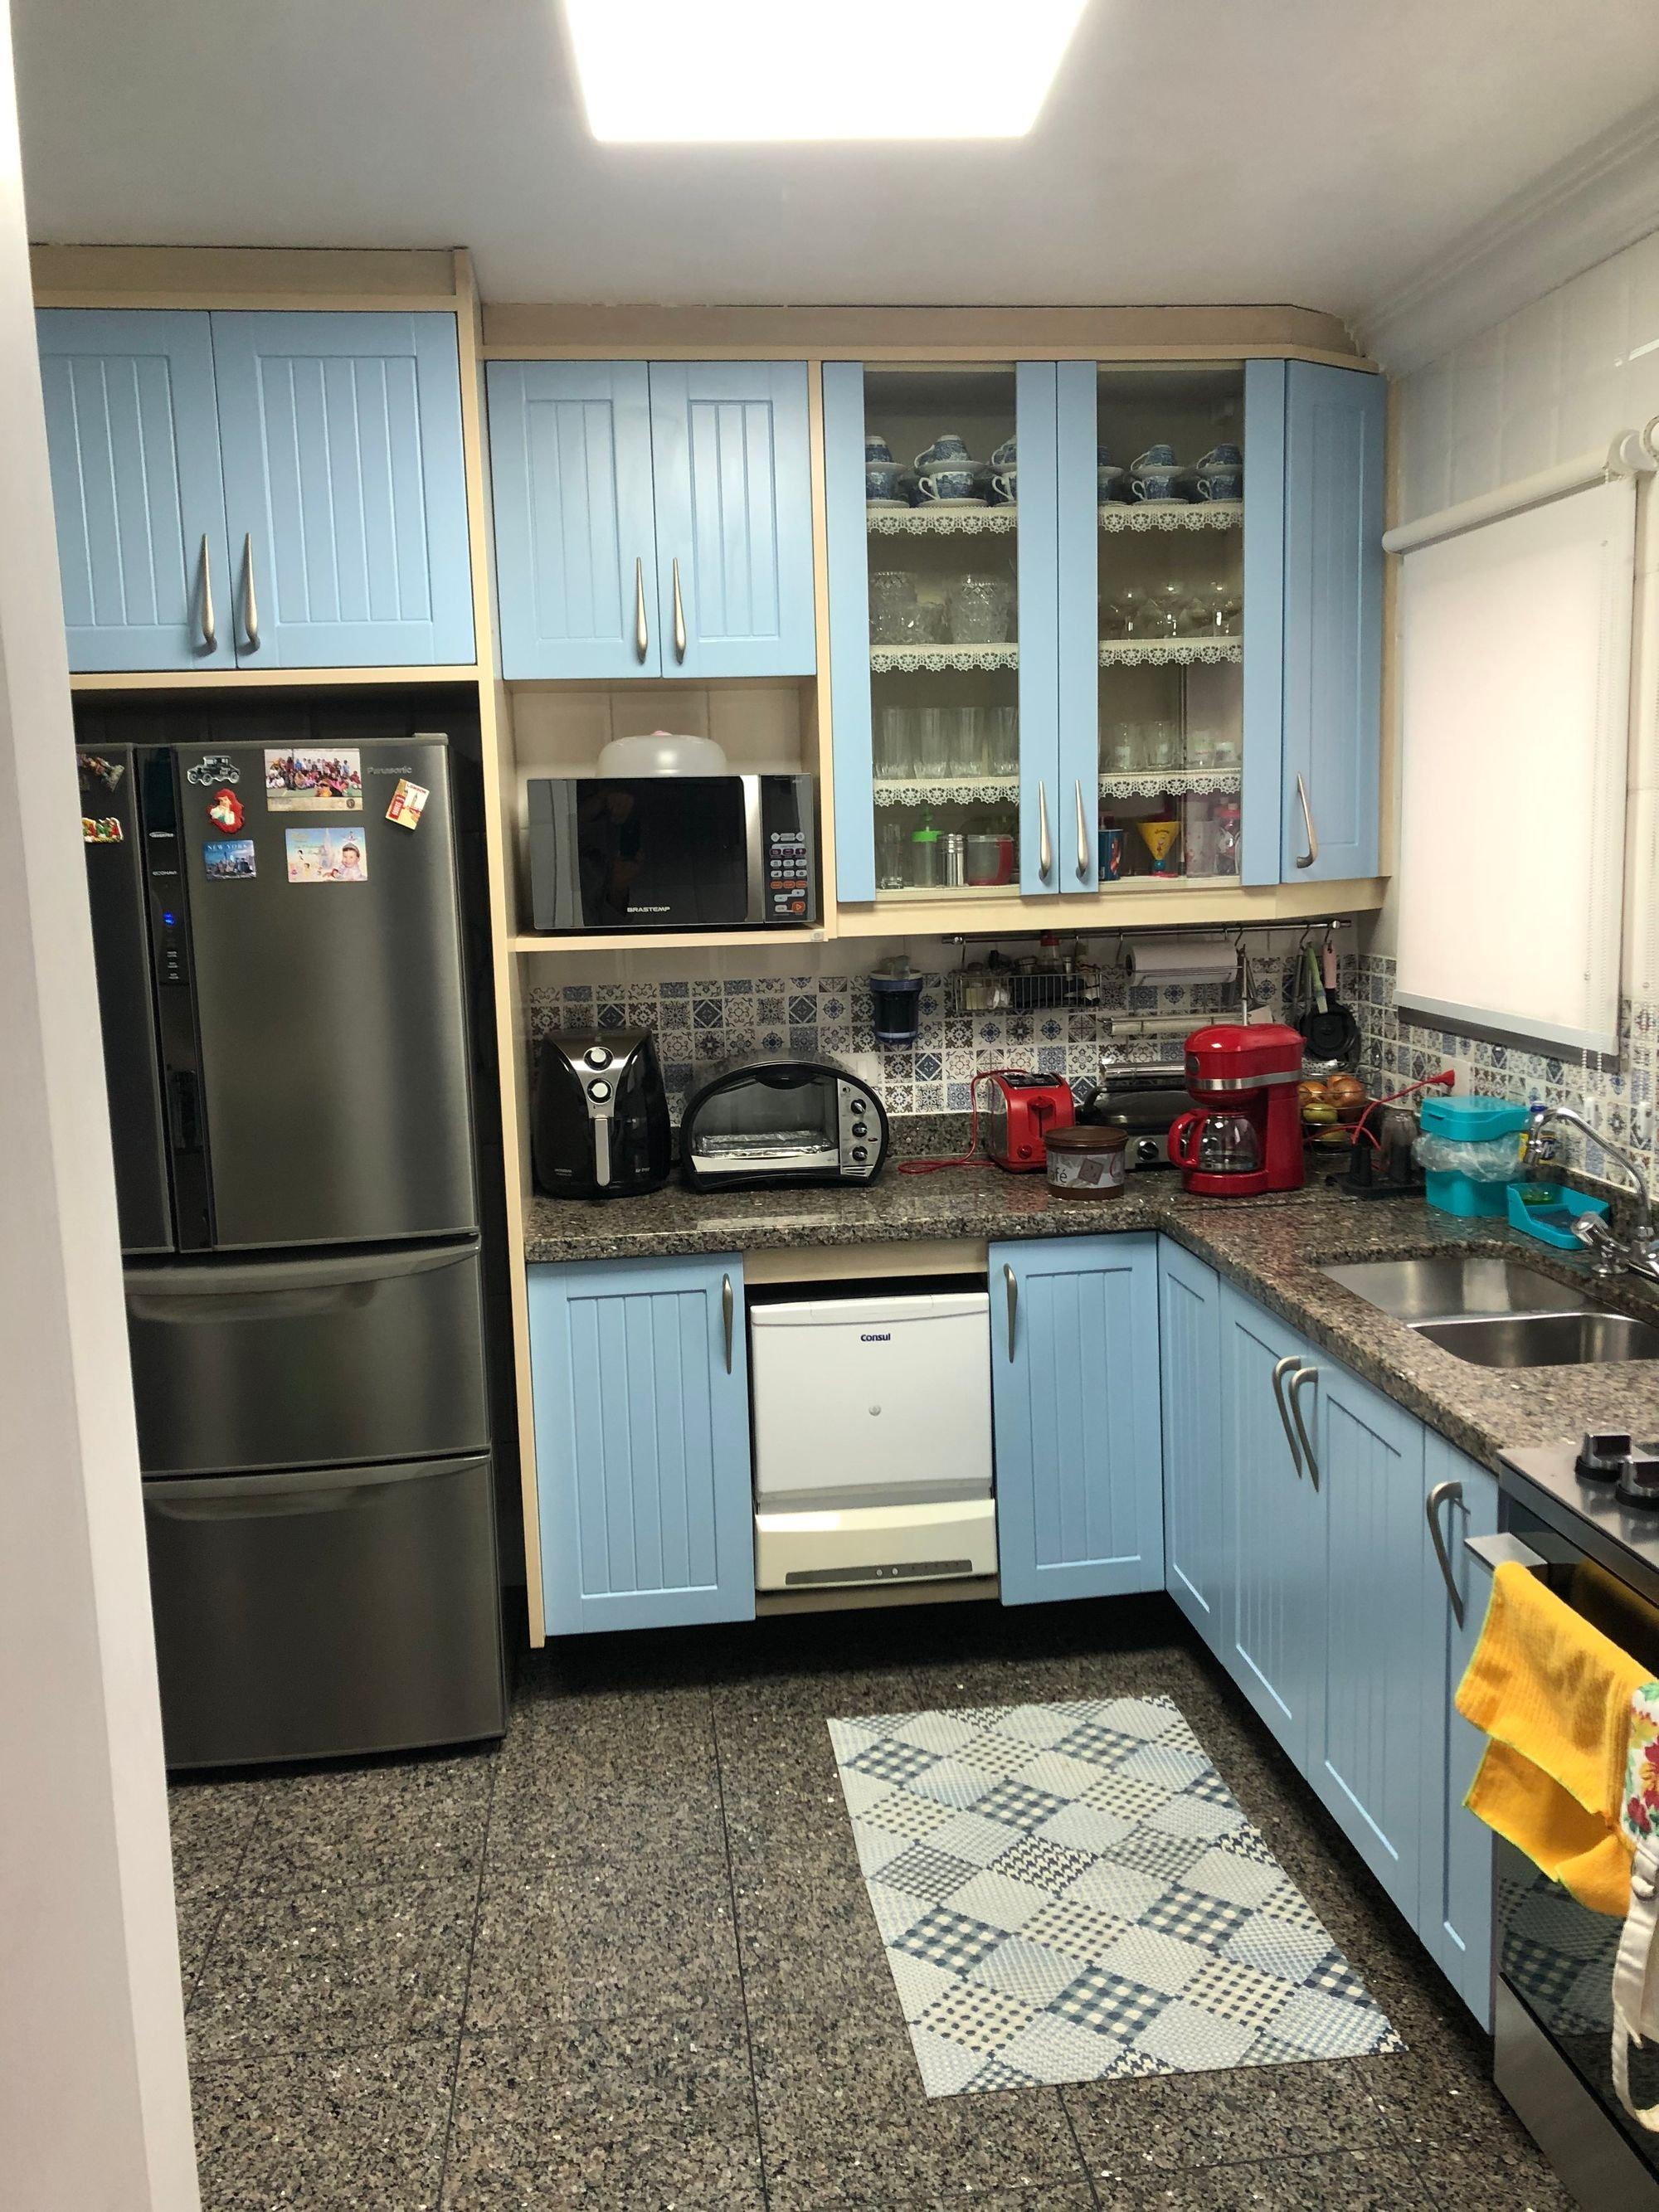 Foto de Cozinha com tigela, geladeira, torradeira, pia, microondas, xícara